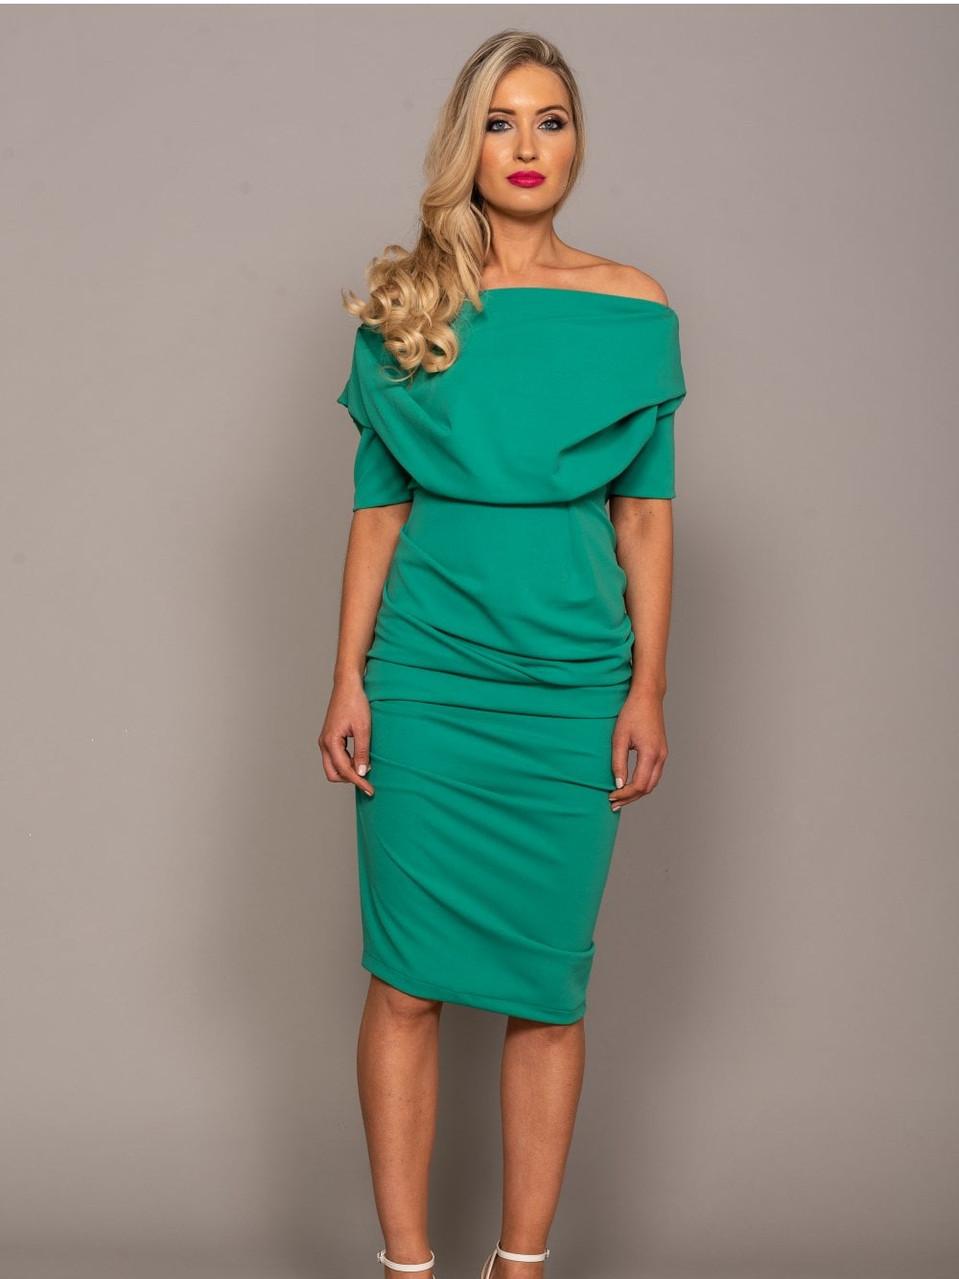 atom-label-verona-dress-pleat-shoulder-d